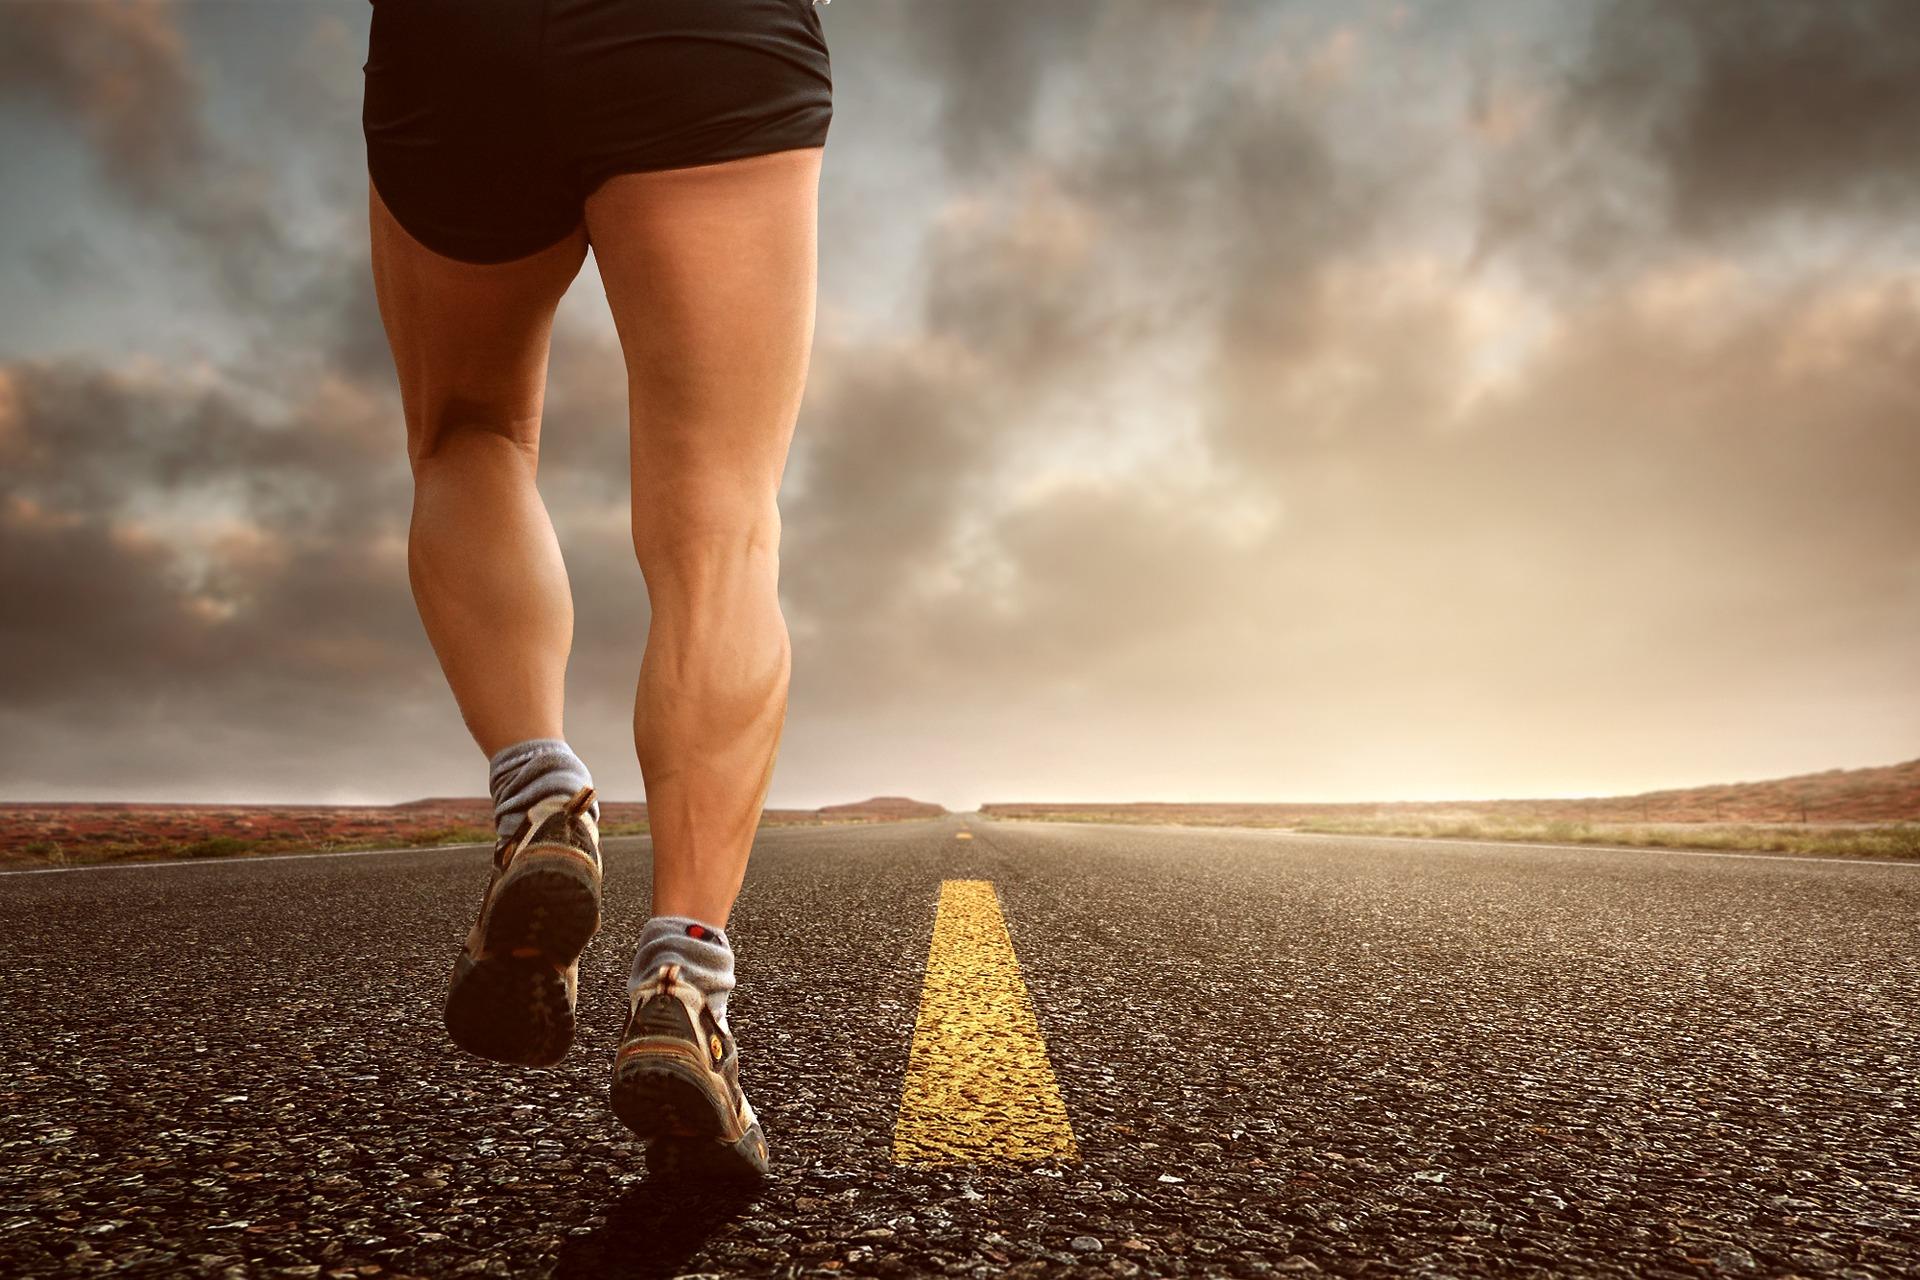 Sveriges Främste Manliga Maratonlöpare